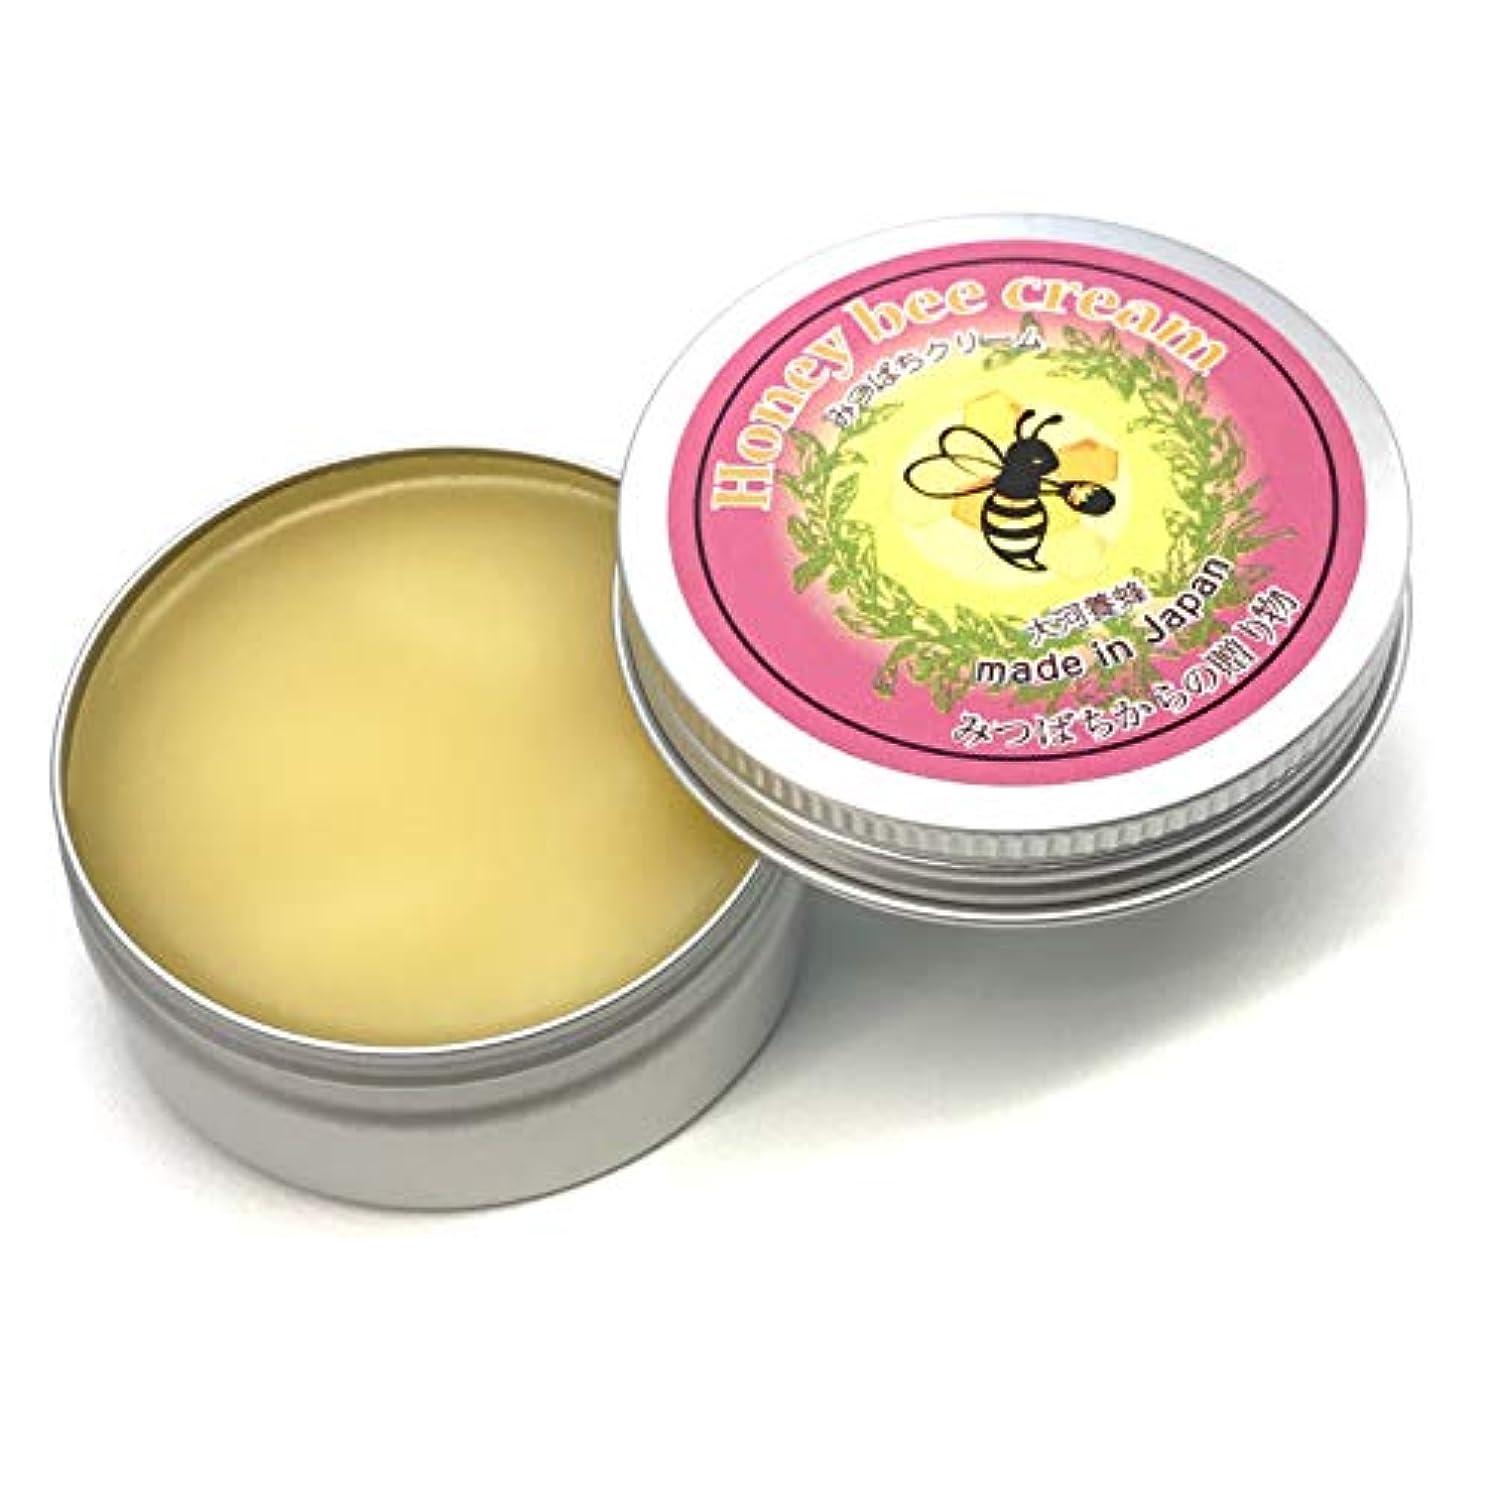 震える王室パントリー大河養蜂 みつろうクリーム (30g) ラベンダーオイル配合 全身保湿クリーム 赤ちゃんクリーム 美白ケア 肌荒れ対策 スキンケア ナイトクリーム みつばちクリーム (1個)